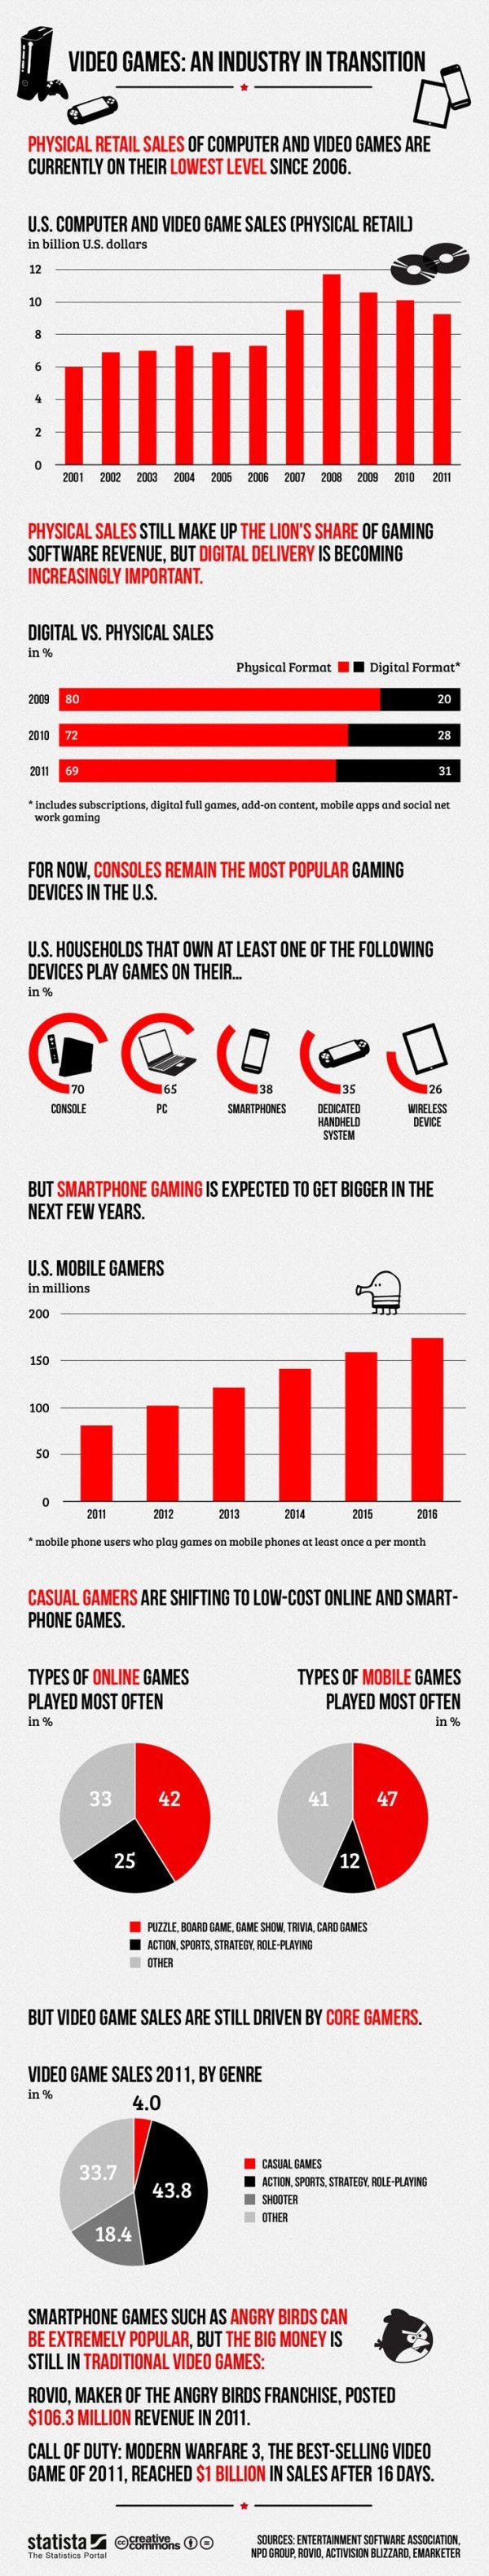 Video oyunları endüstrisinde meydana gelen değişimleri ele alan bir bilgi çizelgesi...